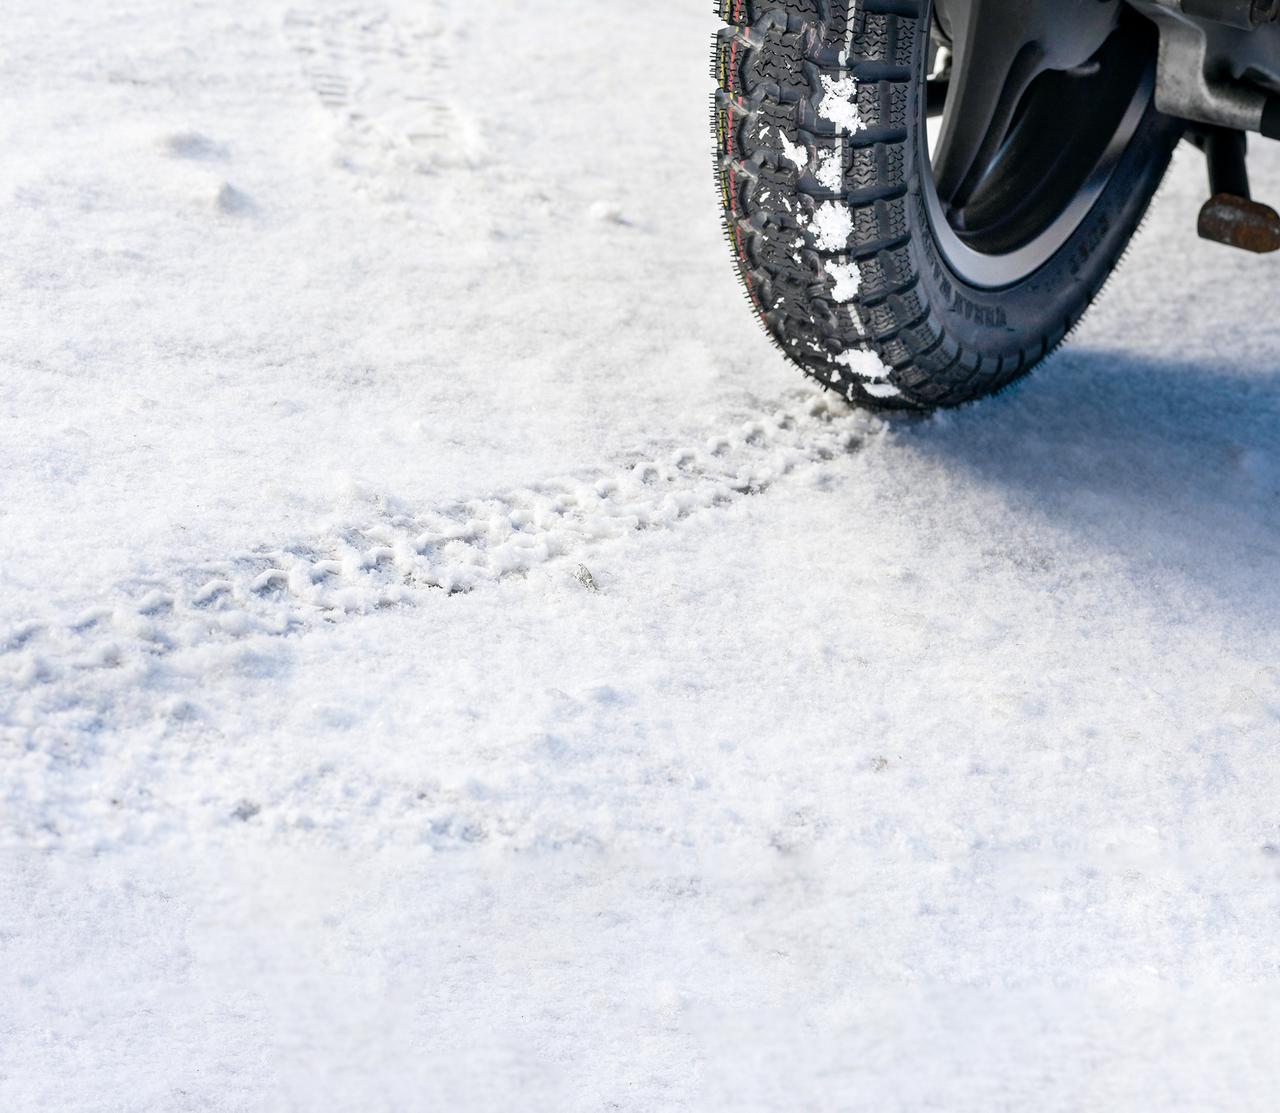 画像: コンパウンド自体も、従来のスノータイヤより最適化され、雪道での走行性能をアップさせている。写真はアイスバーンに近い路面だったが、しっかりと路面を「引っ掻いている」様子が、タイヤに付いている雪からも伺える。